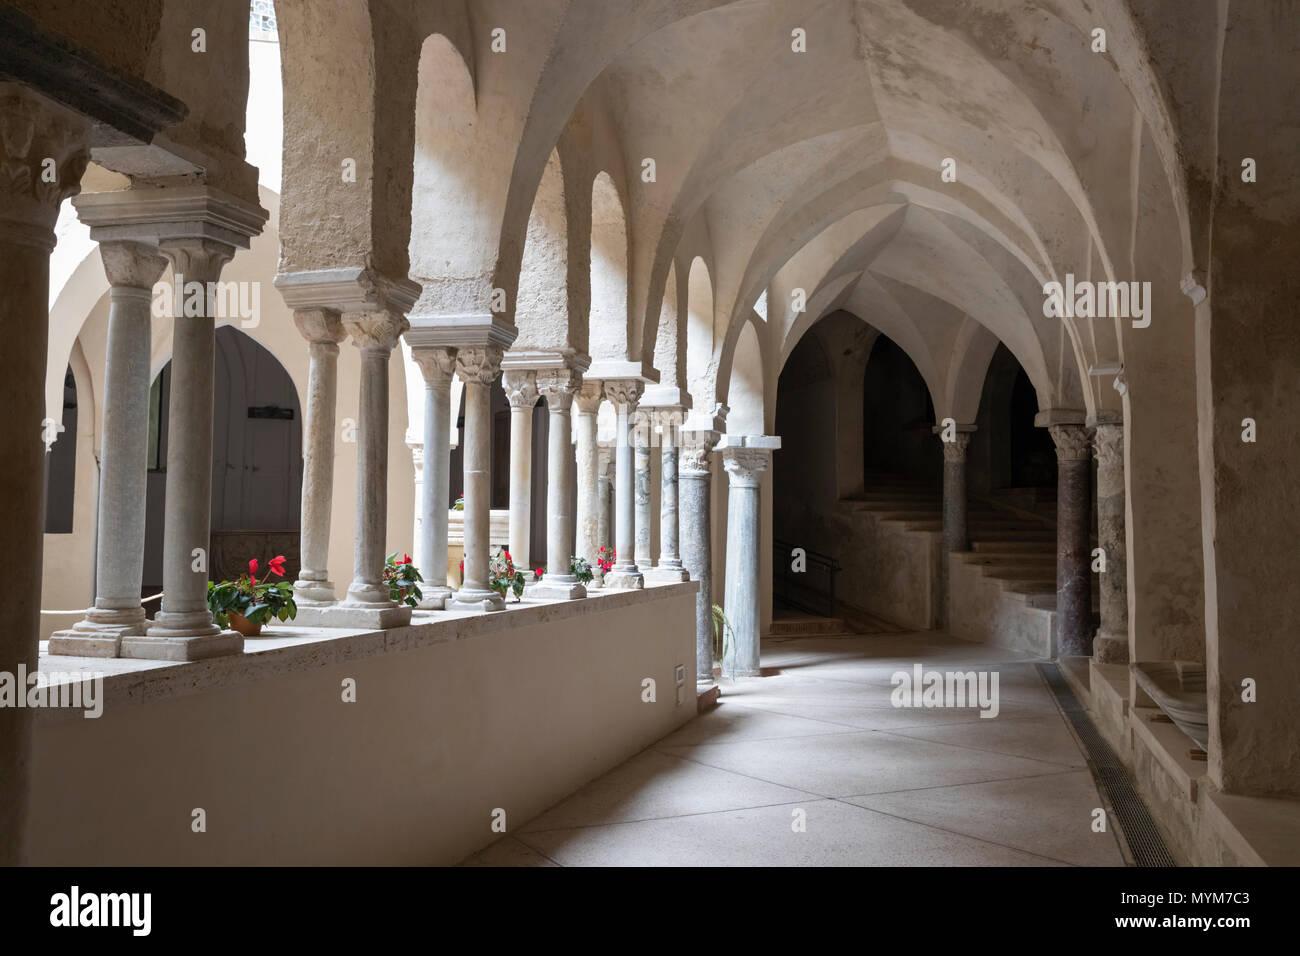 Le cloître roman du 13e siècle de l'abbaye bénédictine de SS Trinita qui abrite des moines bénédictins de l'Ordo Cavensis, Corpo di Cava Photo Stock